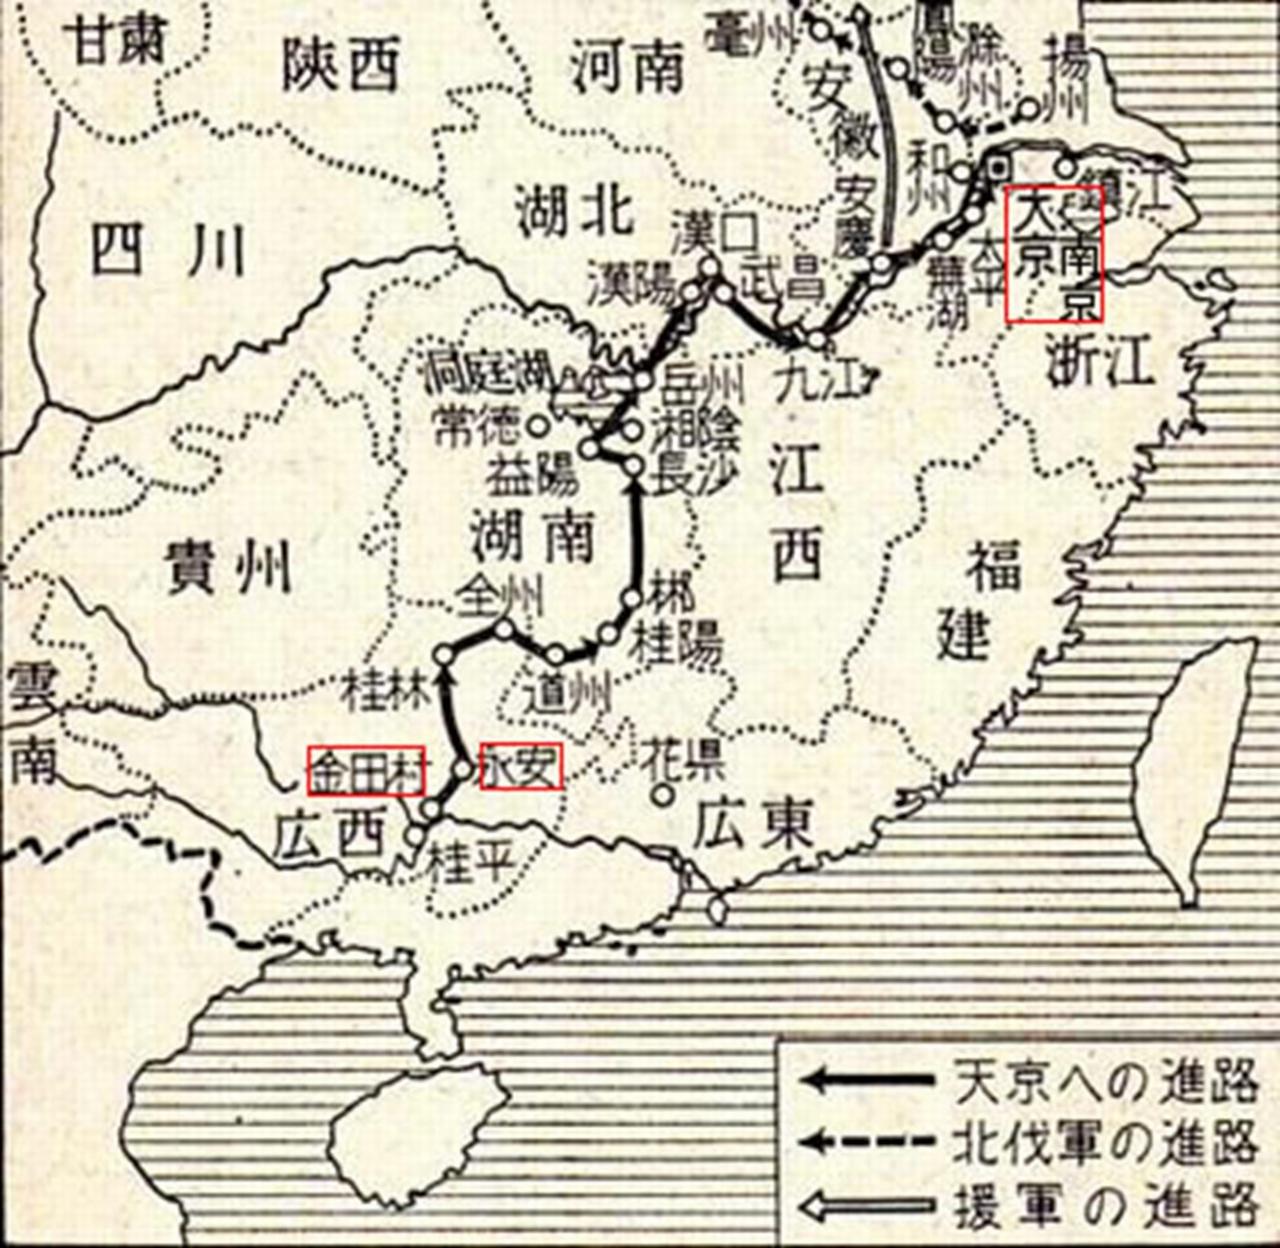 太平天国の乱の地図